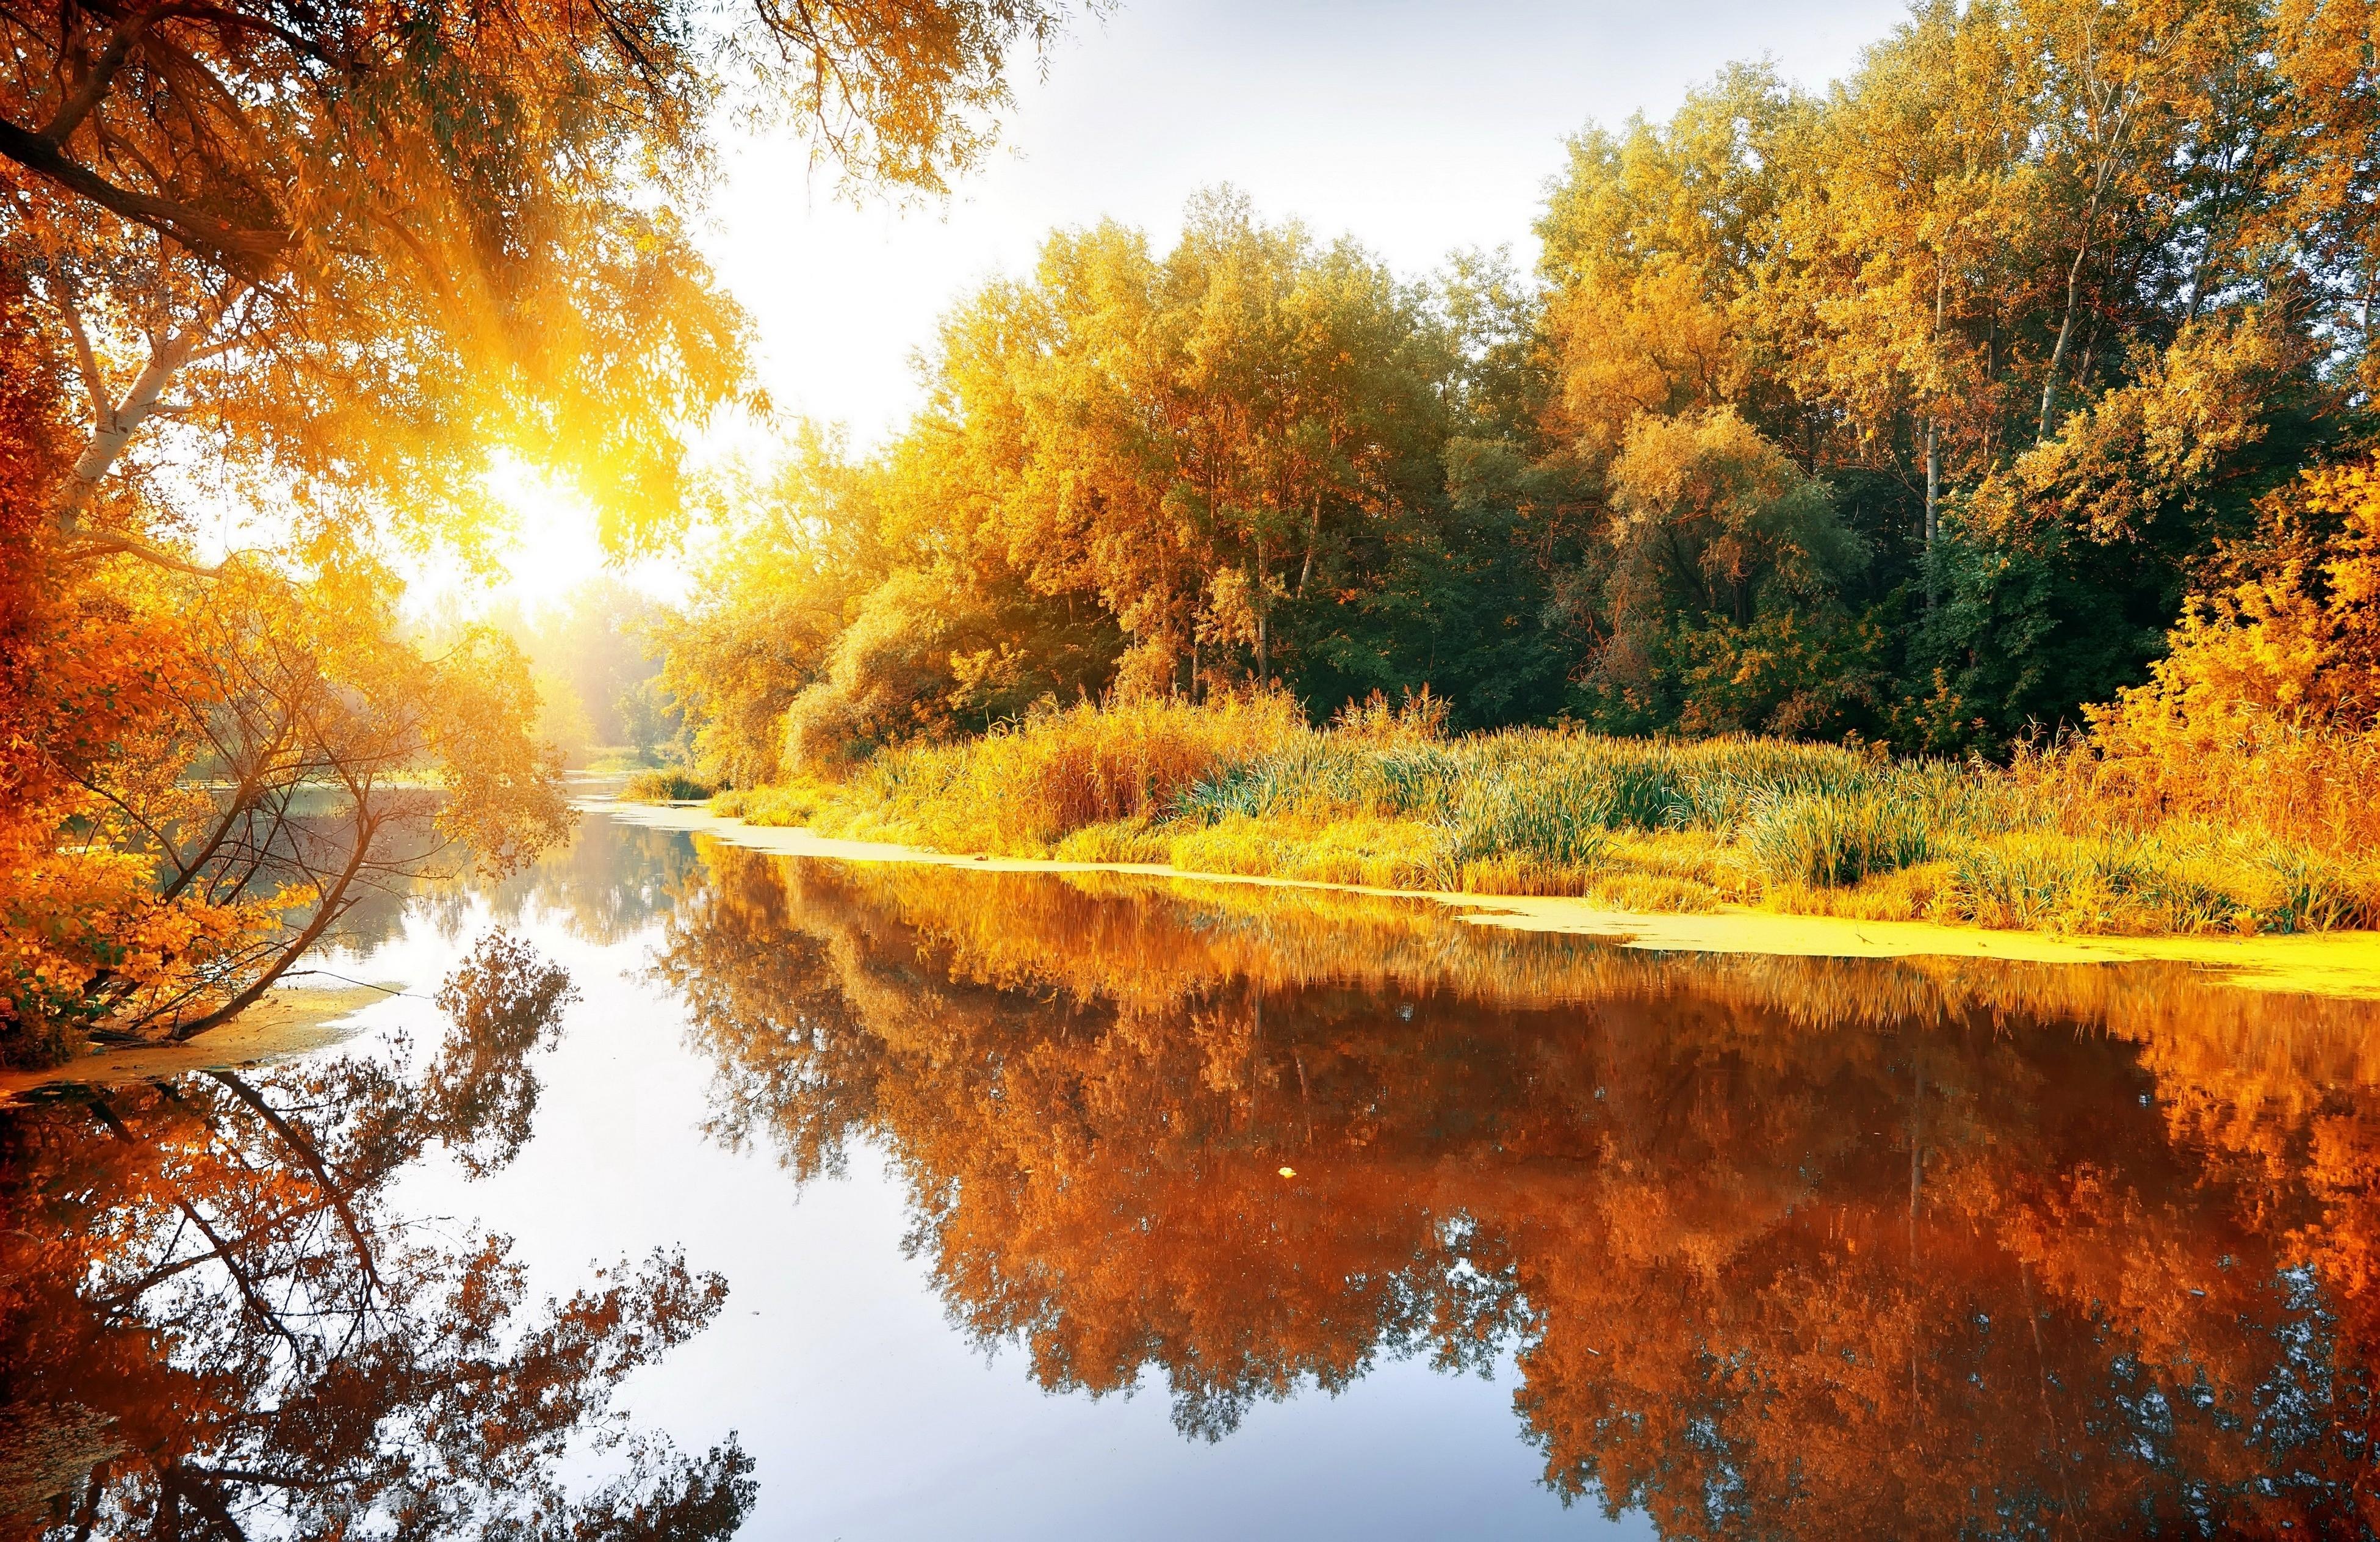 природа река солнце деревья  № 198684 бесплатно